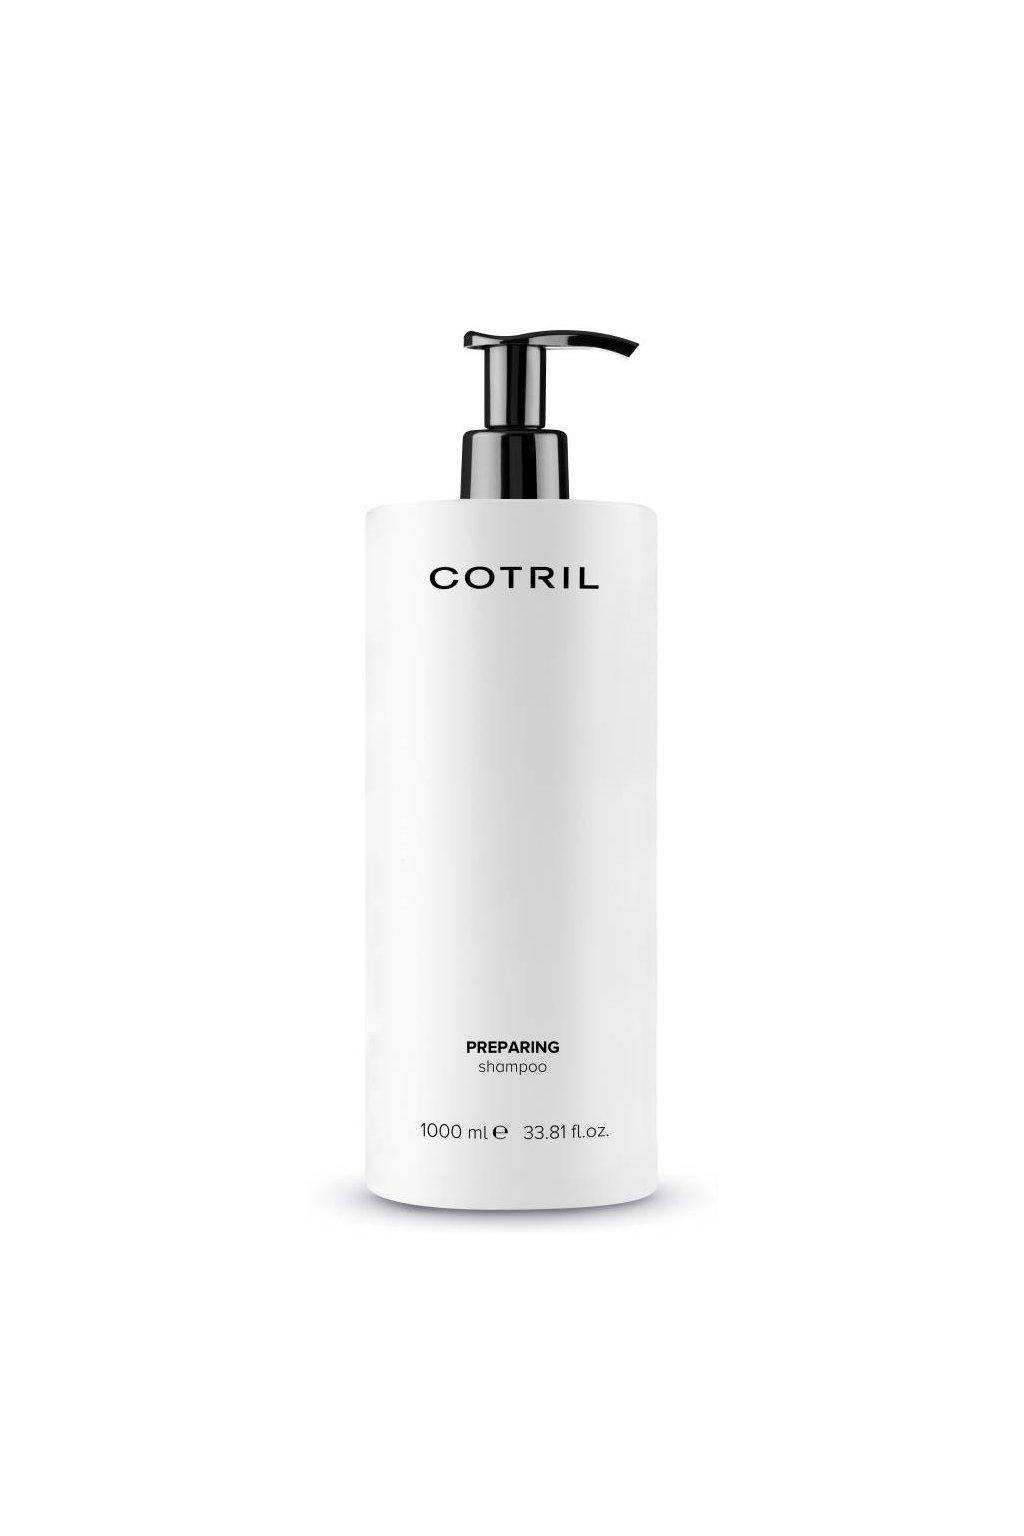 Cotril PREPARING Přípravný šampon hloubkově čistící pro maximální absorpci 1000ml